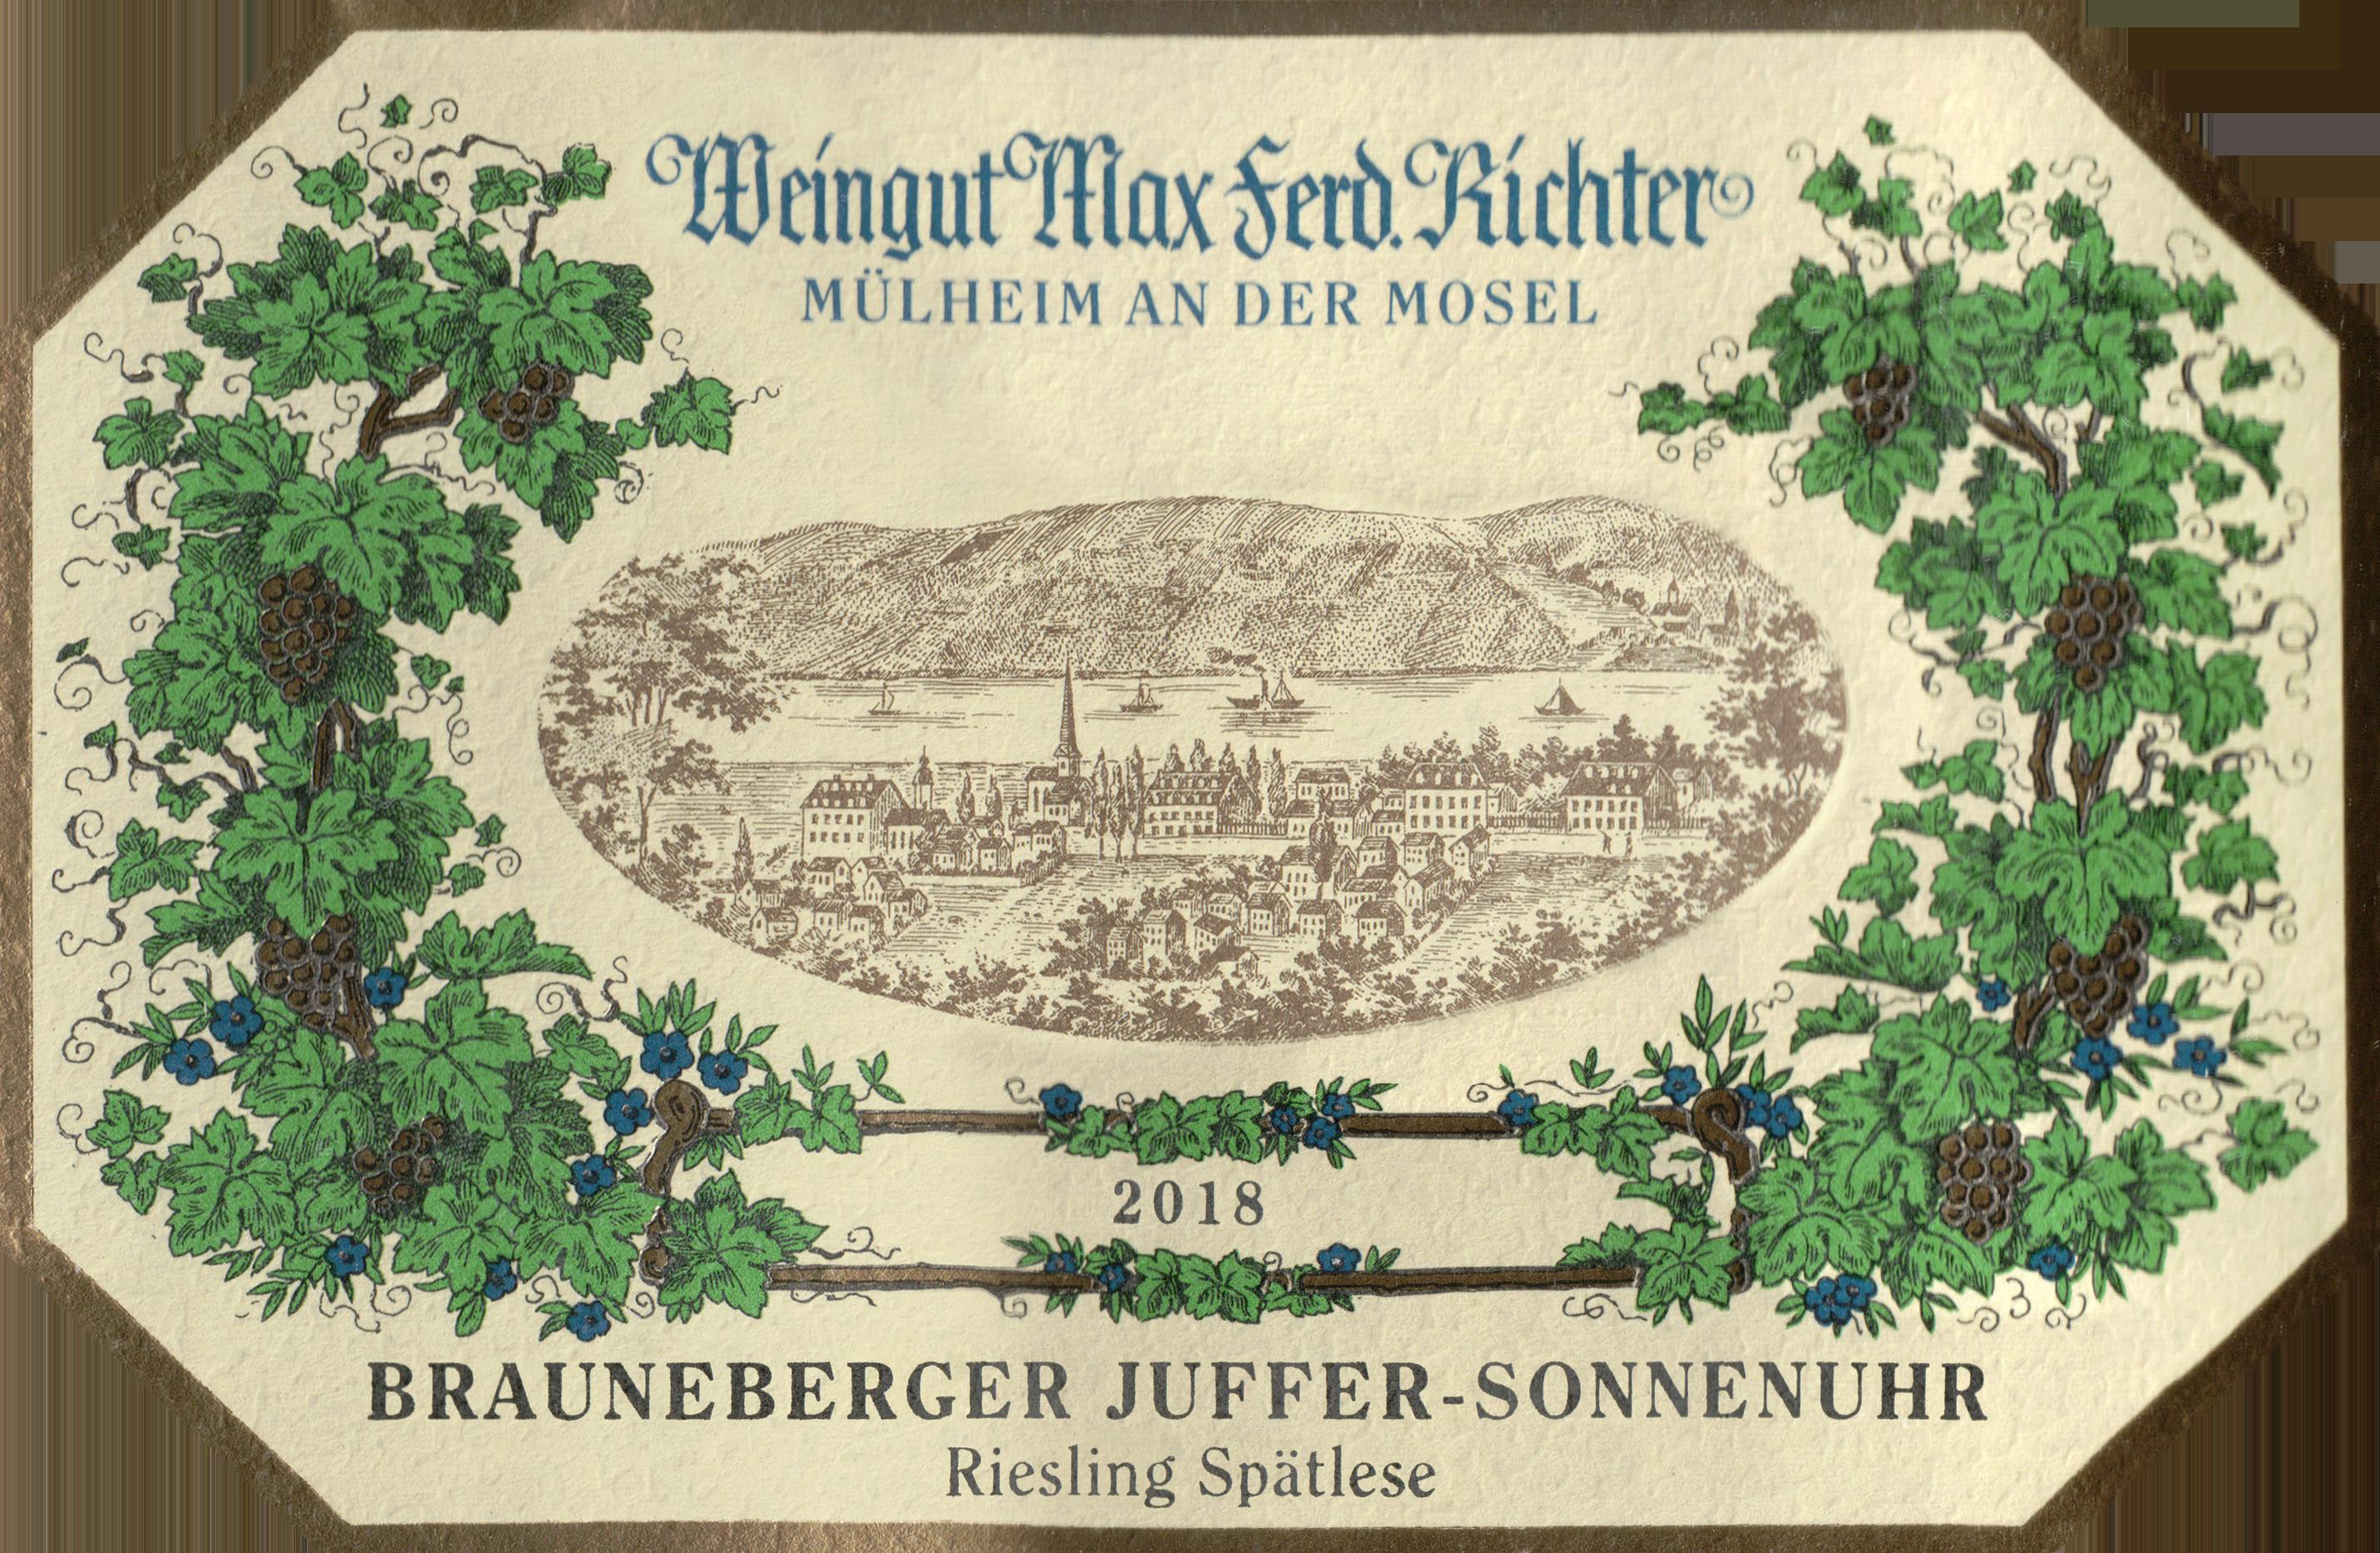 Max Ferd Richter Spatlese Brauneberger Juffer Sonnenuhr Riesling 2018